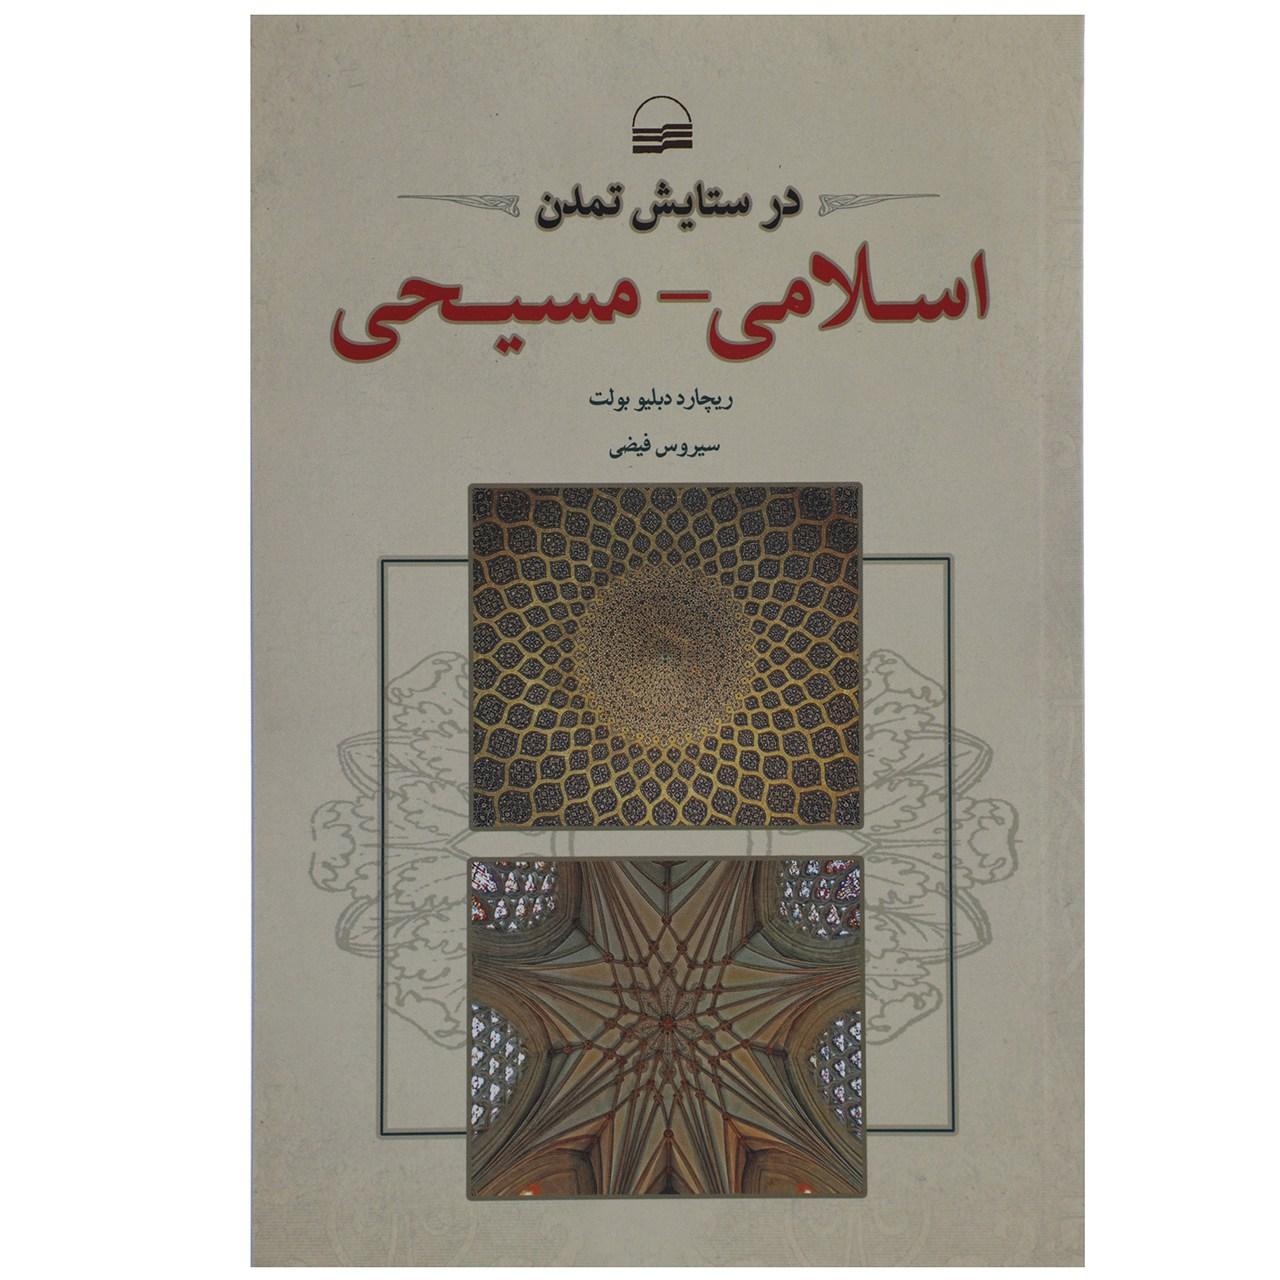 کتاب در ستایش تمدن اسلامی مسیحی اثر ریچارد دبلیو بولت